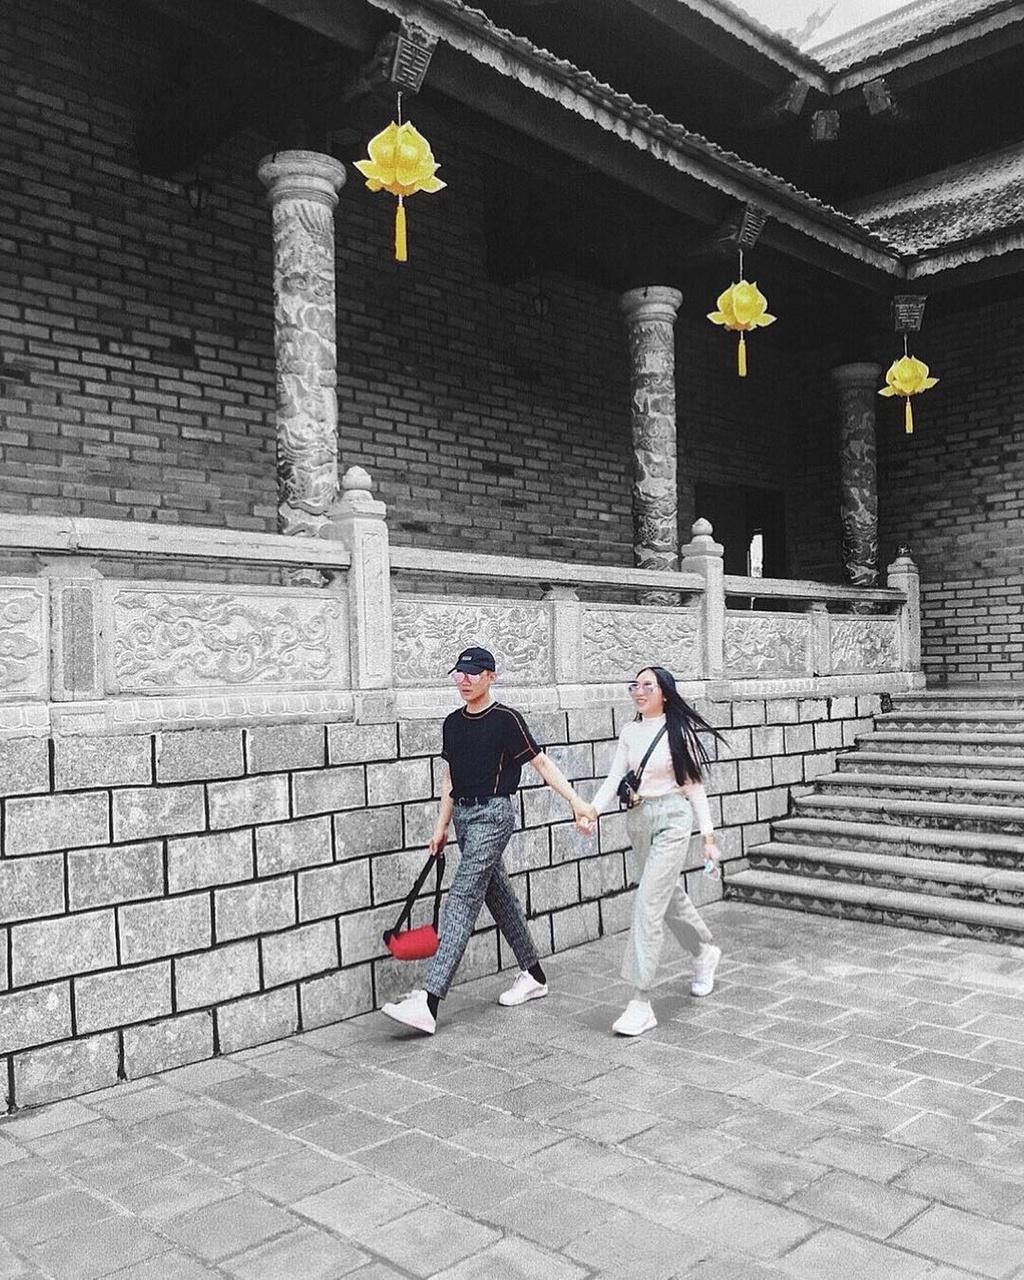 4 Thien vien Truc Lam noi tieng o Nam Bo hinh anh 3  - trantthuan_28152026_185448465404253_2614379037258153984_n - 4 Thiền viện Trúc Lâm nổi tiếng ở Nam Bộ